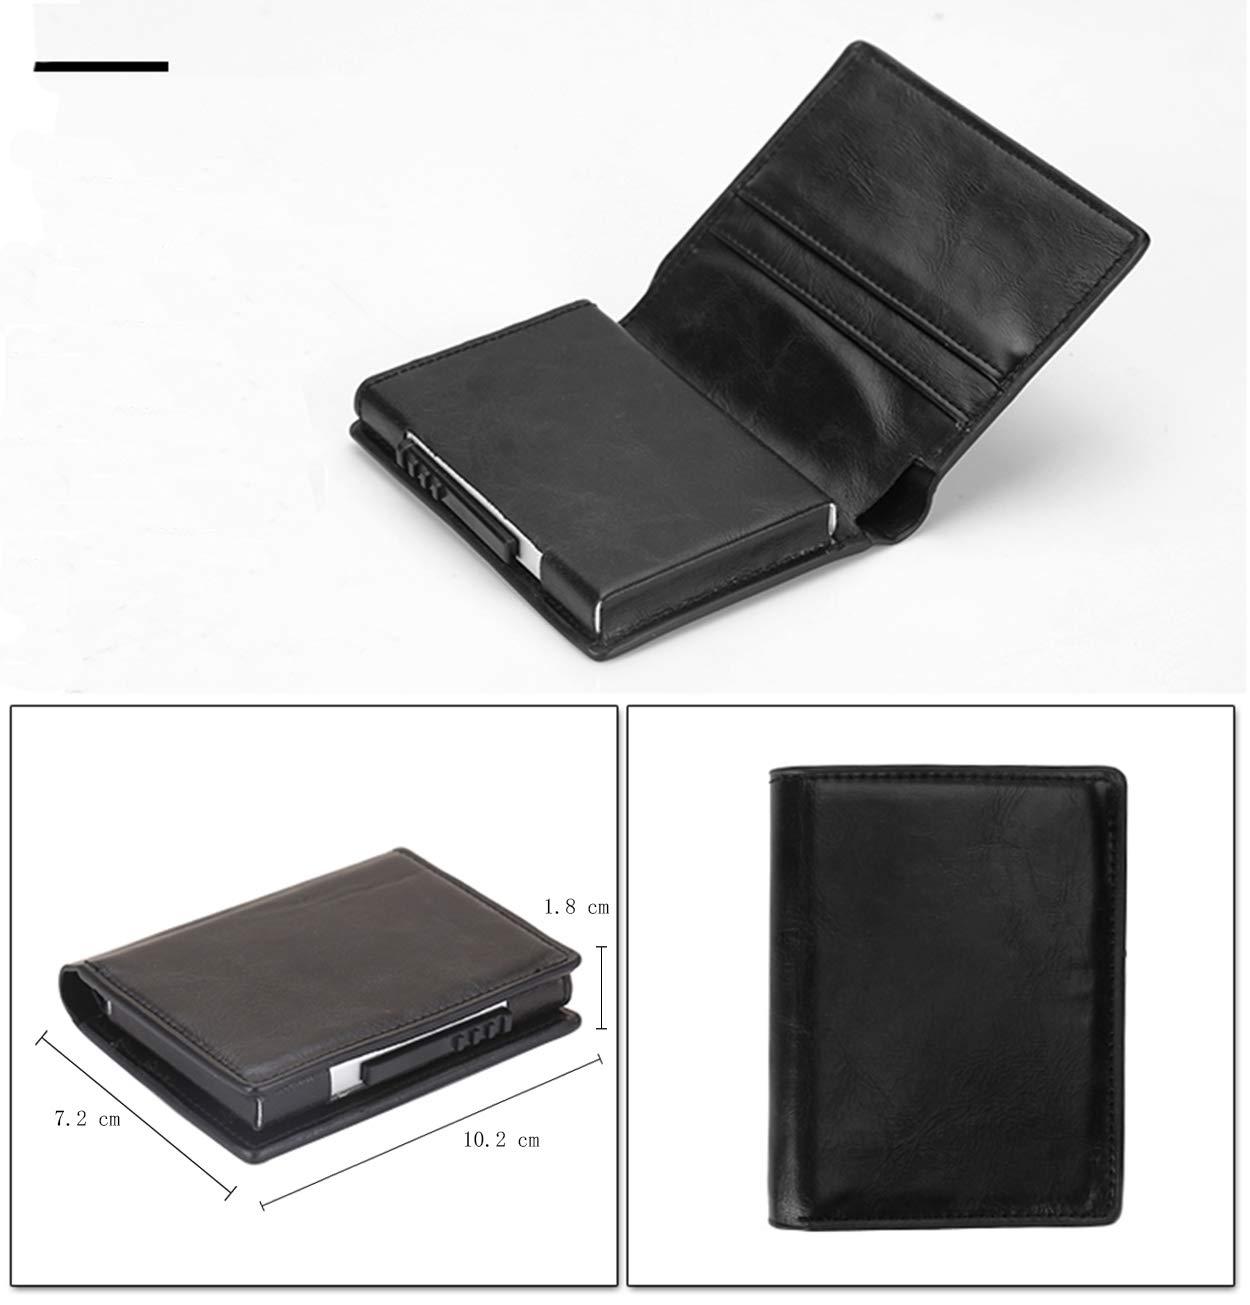 porta carte di credito uomo,Automatico Pop-up per carte di credito uomo,Pelle Portafoglio Portamonete RFID//NFC Blocco Color crema